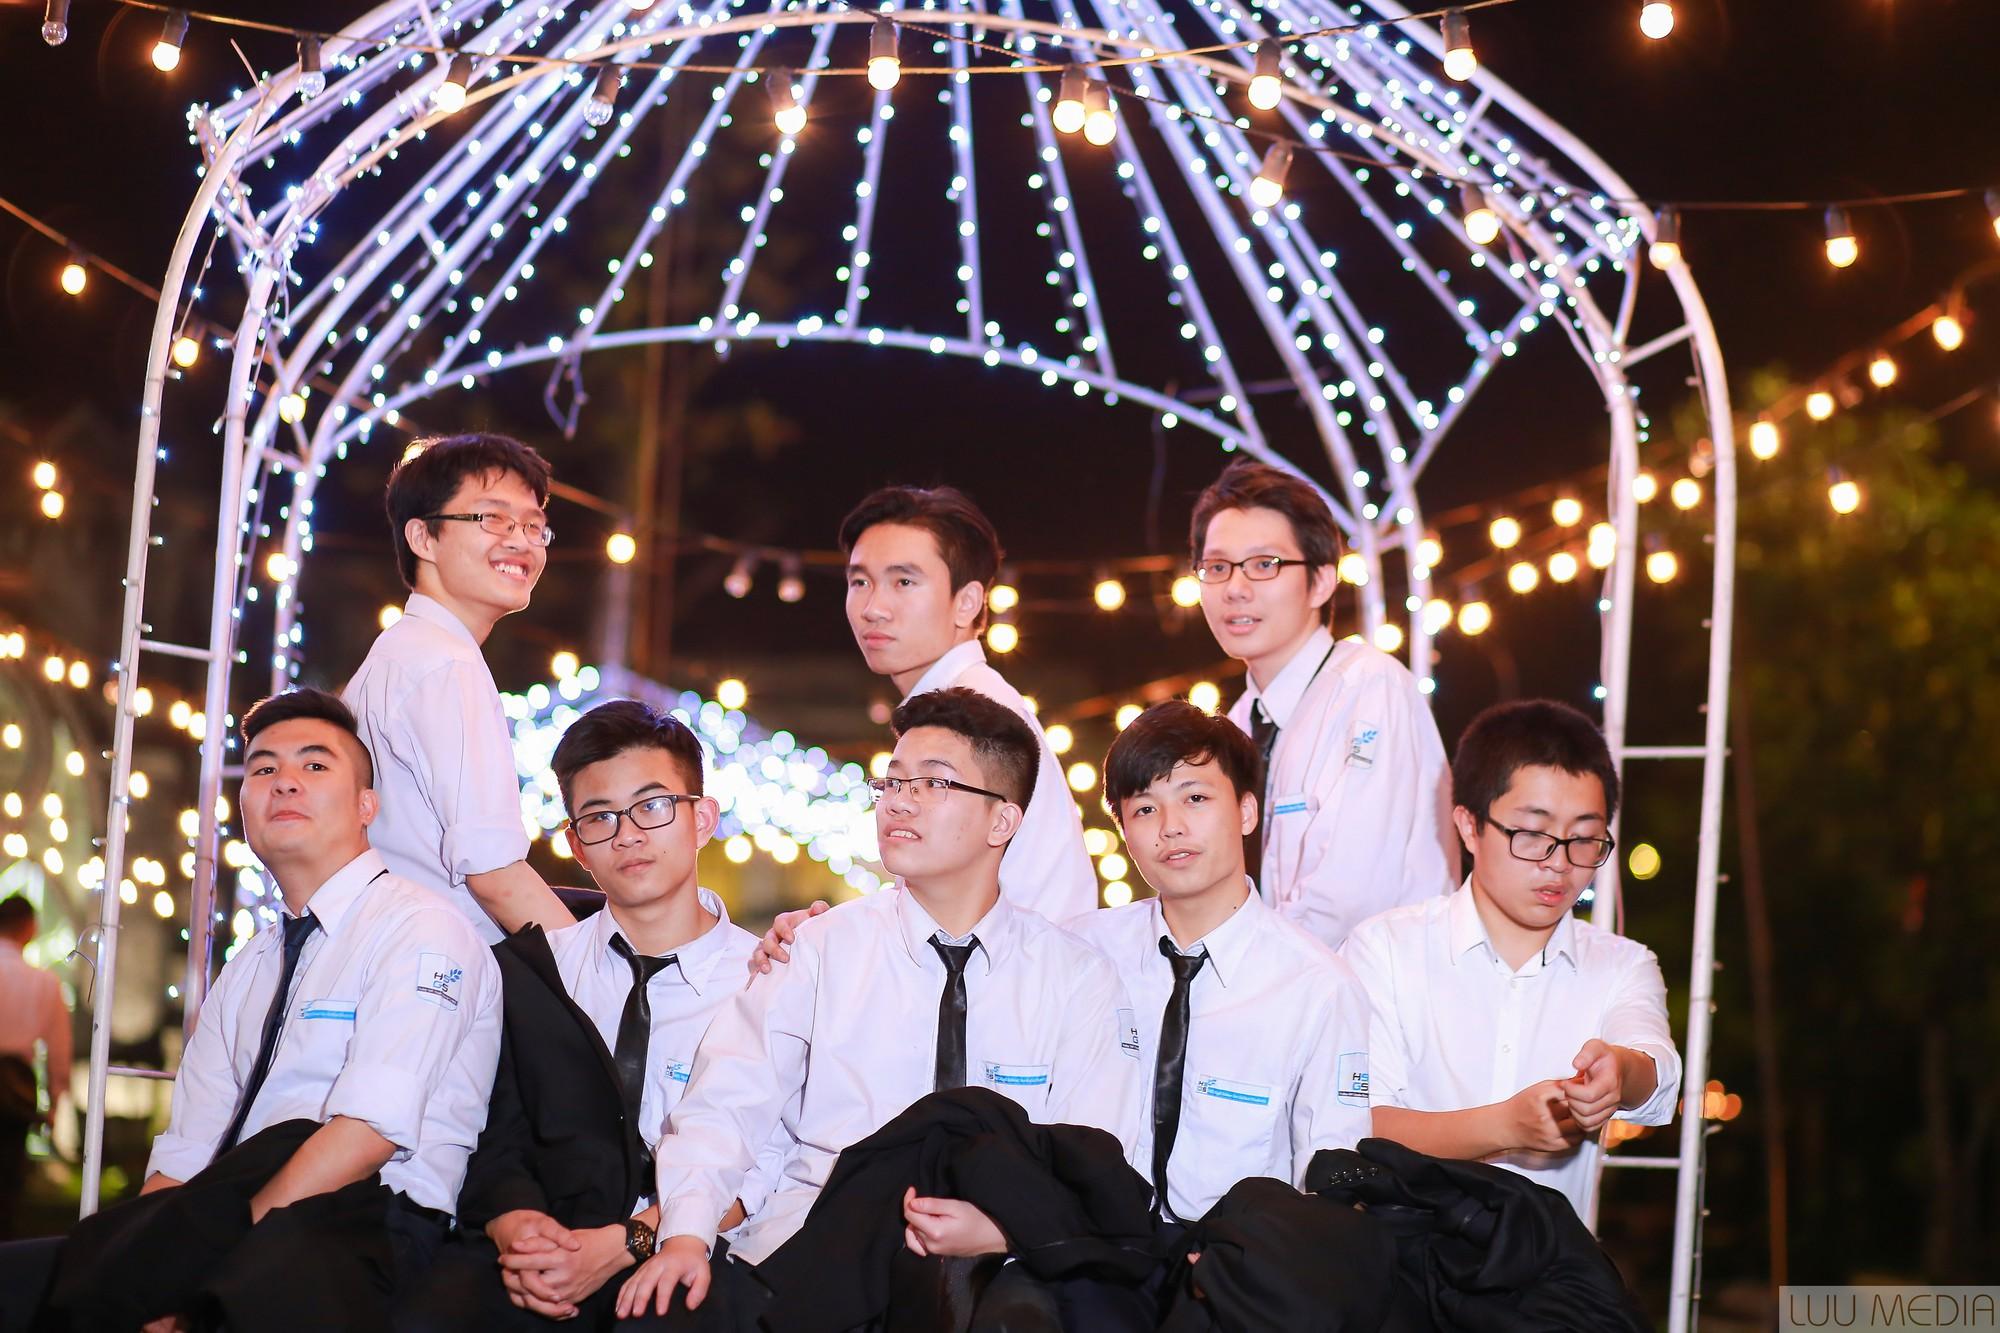 Nhận học bổng du học Mỹ gần 5 tỷ đồng, nam sinh Hà Nội muốn tạo ra robot bác sĩ tâm lý - Ảnh 9.